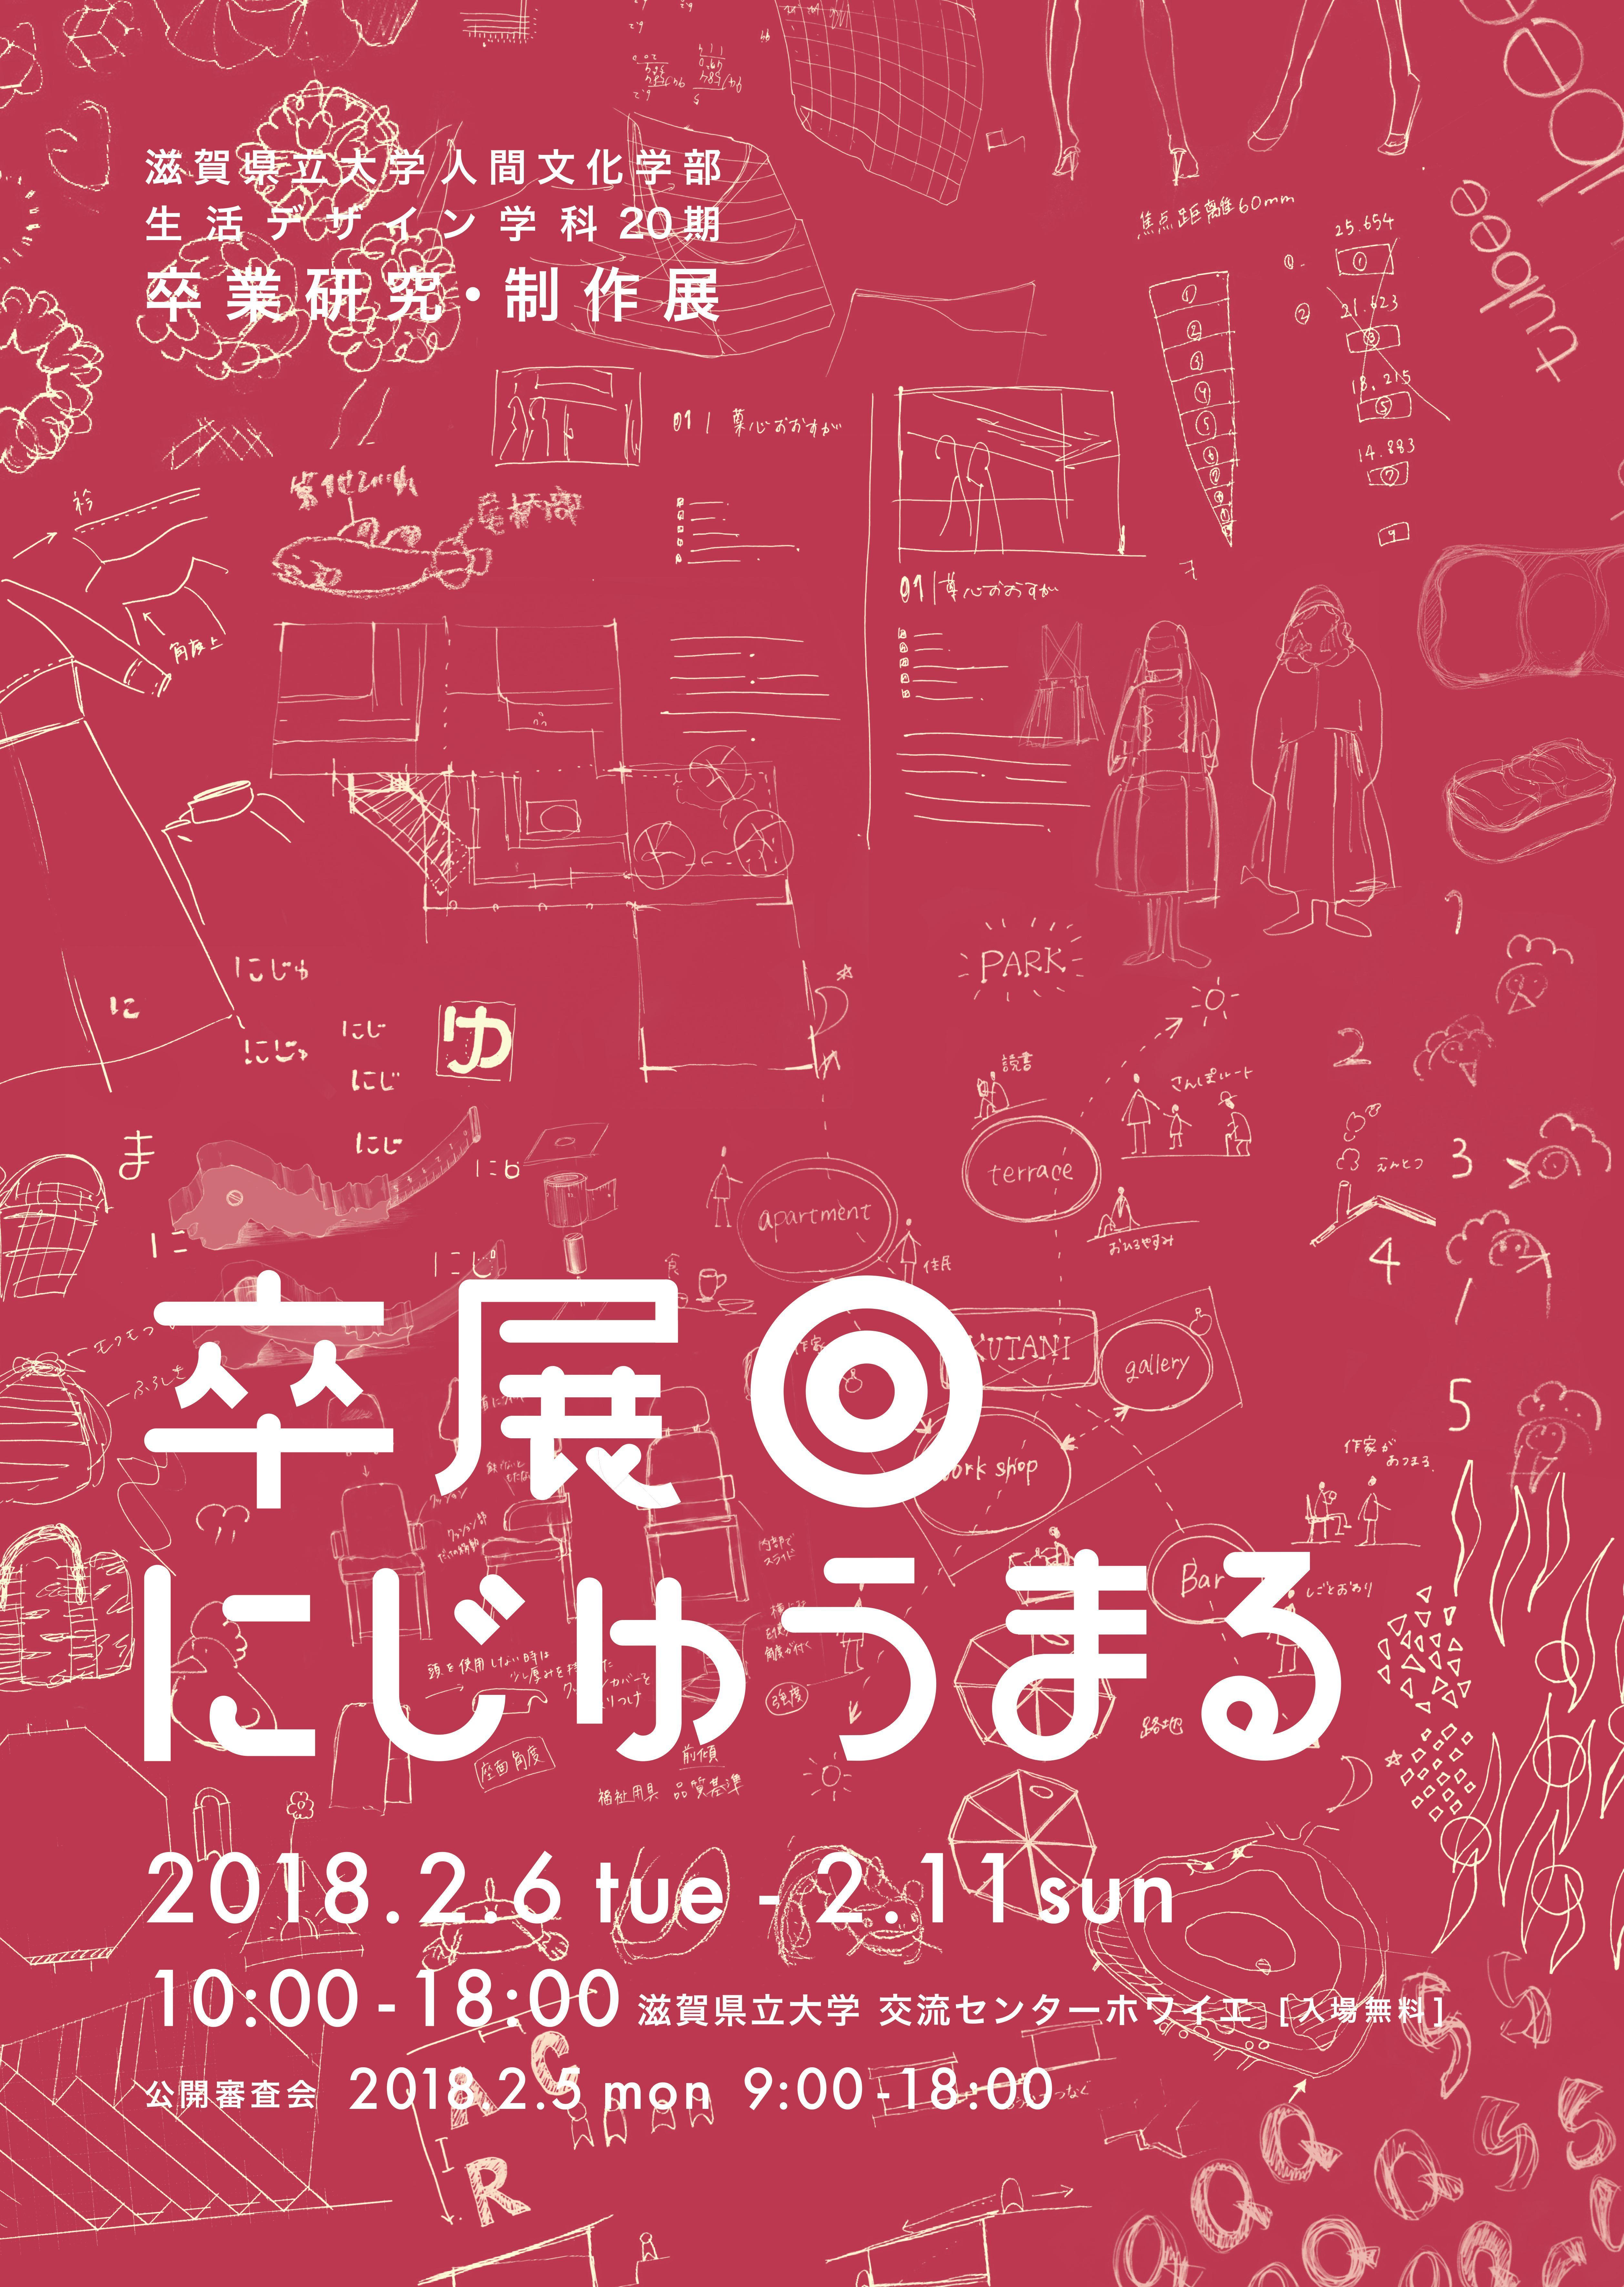 滋賀県立大学が2月6~11日まで、生活デザイン学科 卒業研究・制作展2017「卒展@にじゅうまる」を開催 -- 10・11日には学生による作品案内も